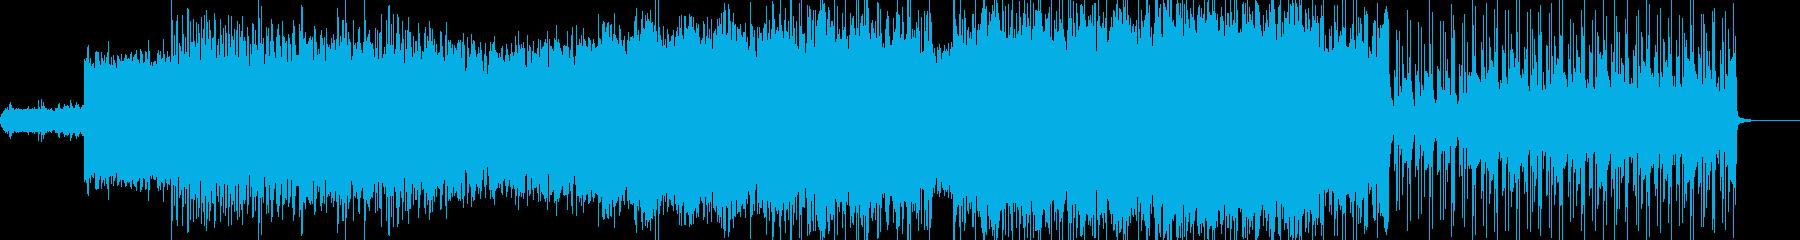 攻撃的で疾走感のあるクールなインストの再生済みの波形